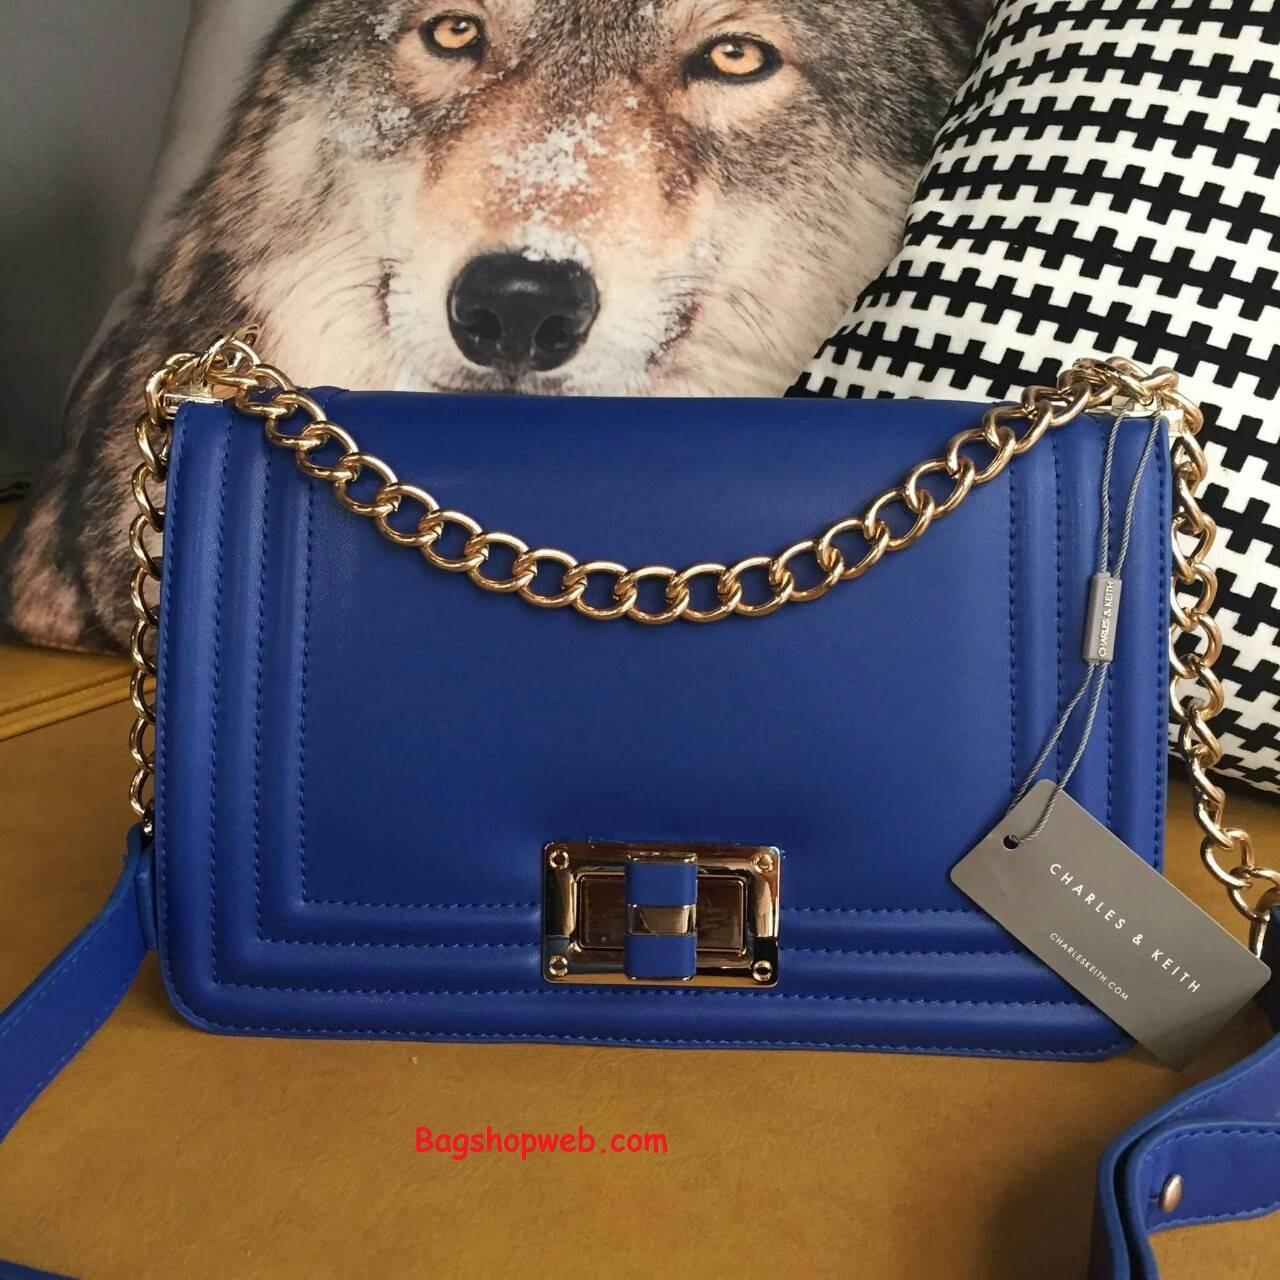 กระเป๋า CHARLES&KEITH CHAIN BAG 2015 Navy Blue